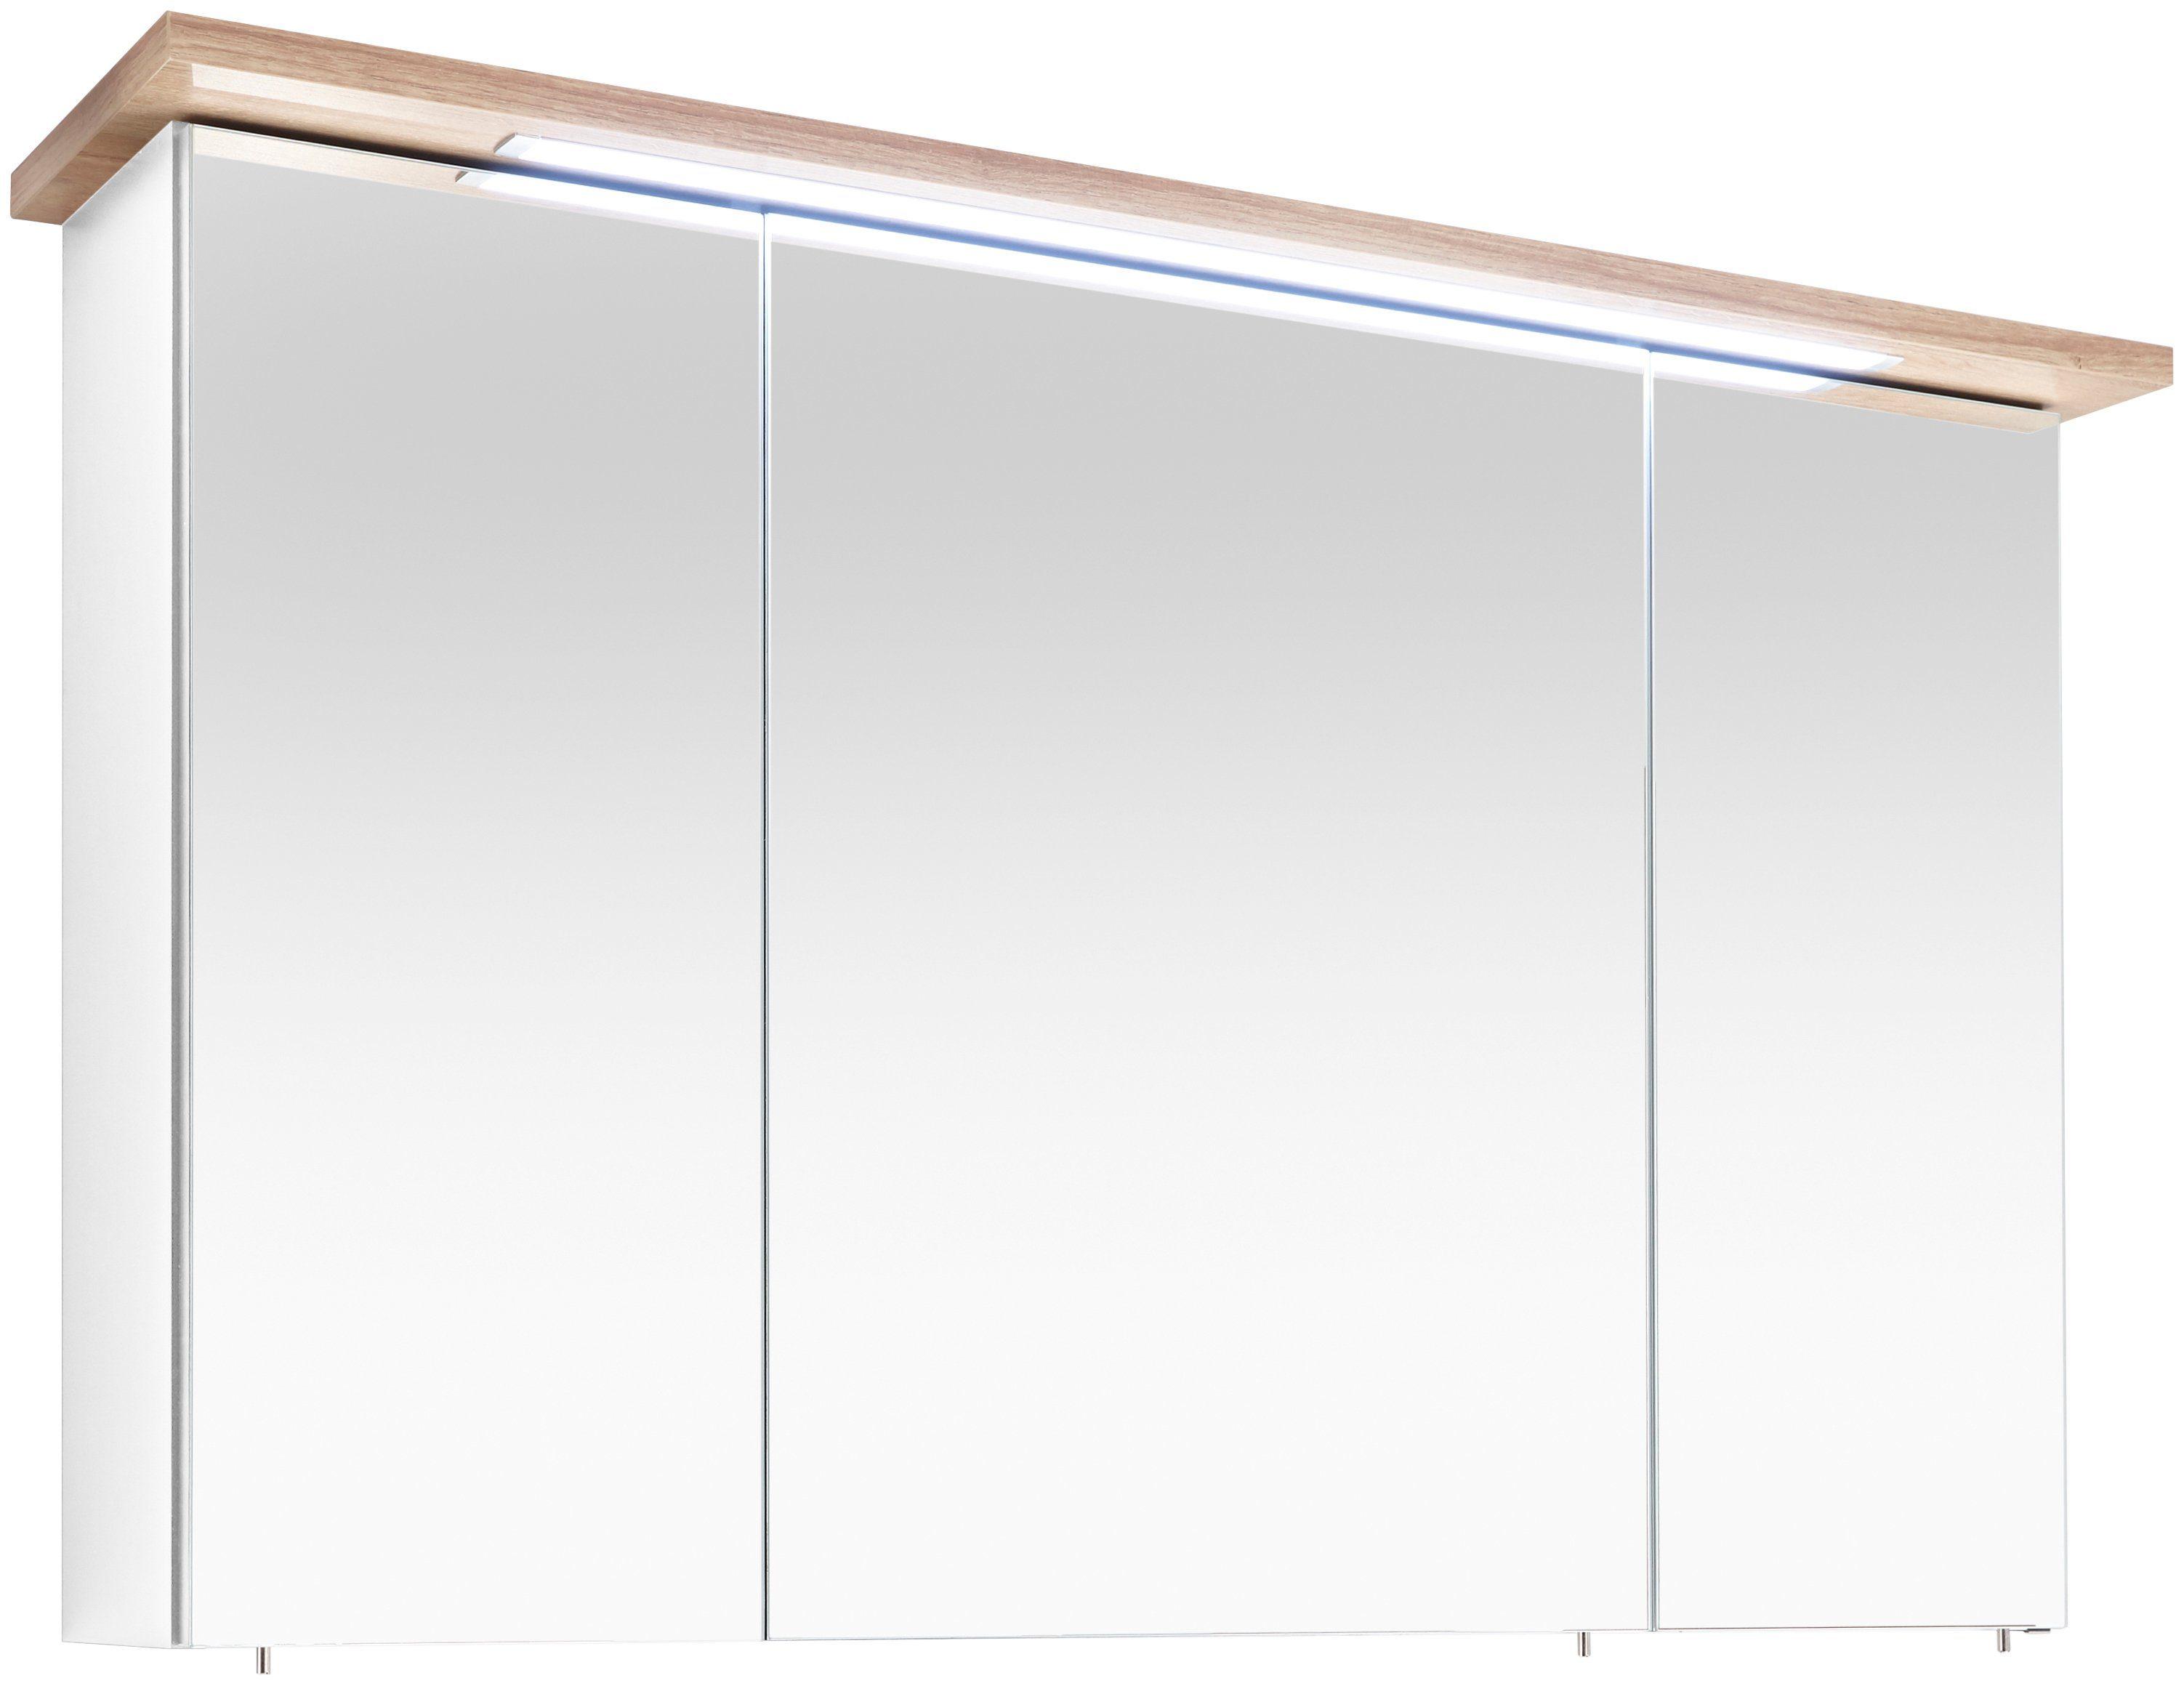 PELIPAL Spiegelschrank »Noventa: Spiegelschrank Cesa III«, Breite: 115 cm